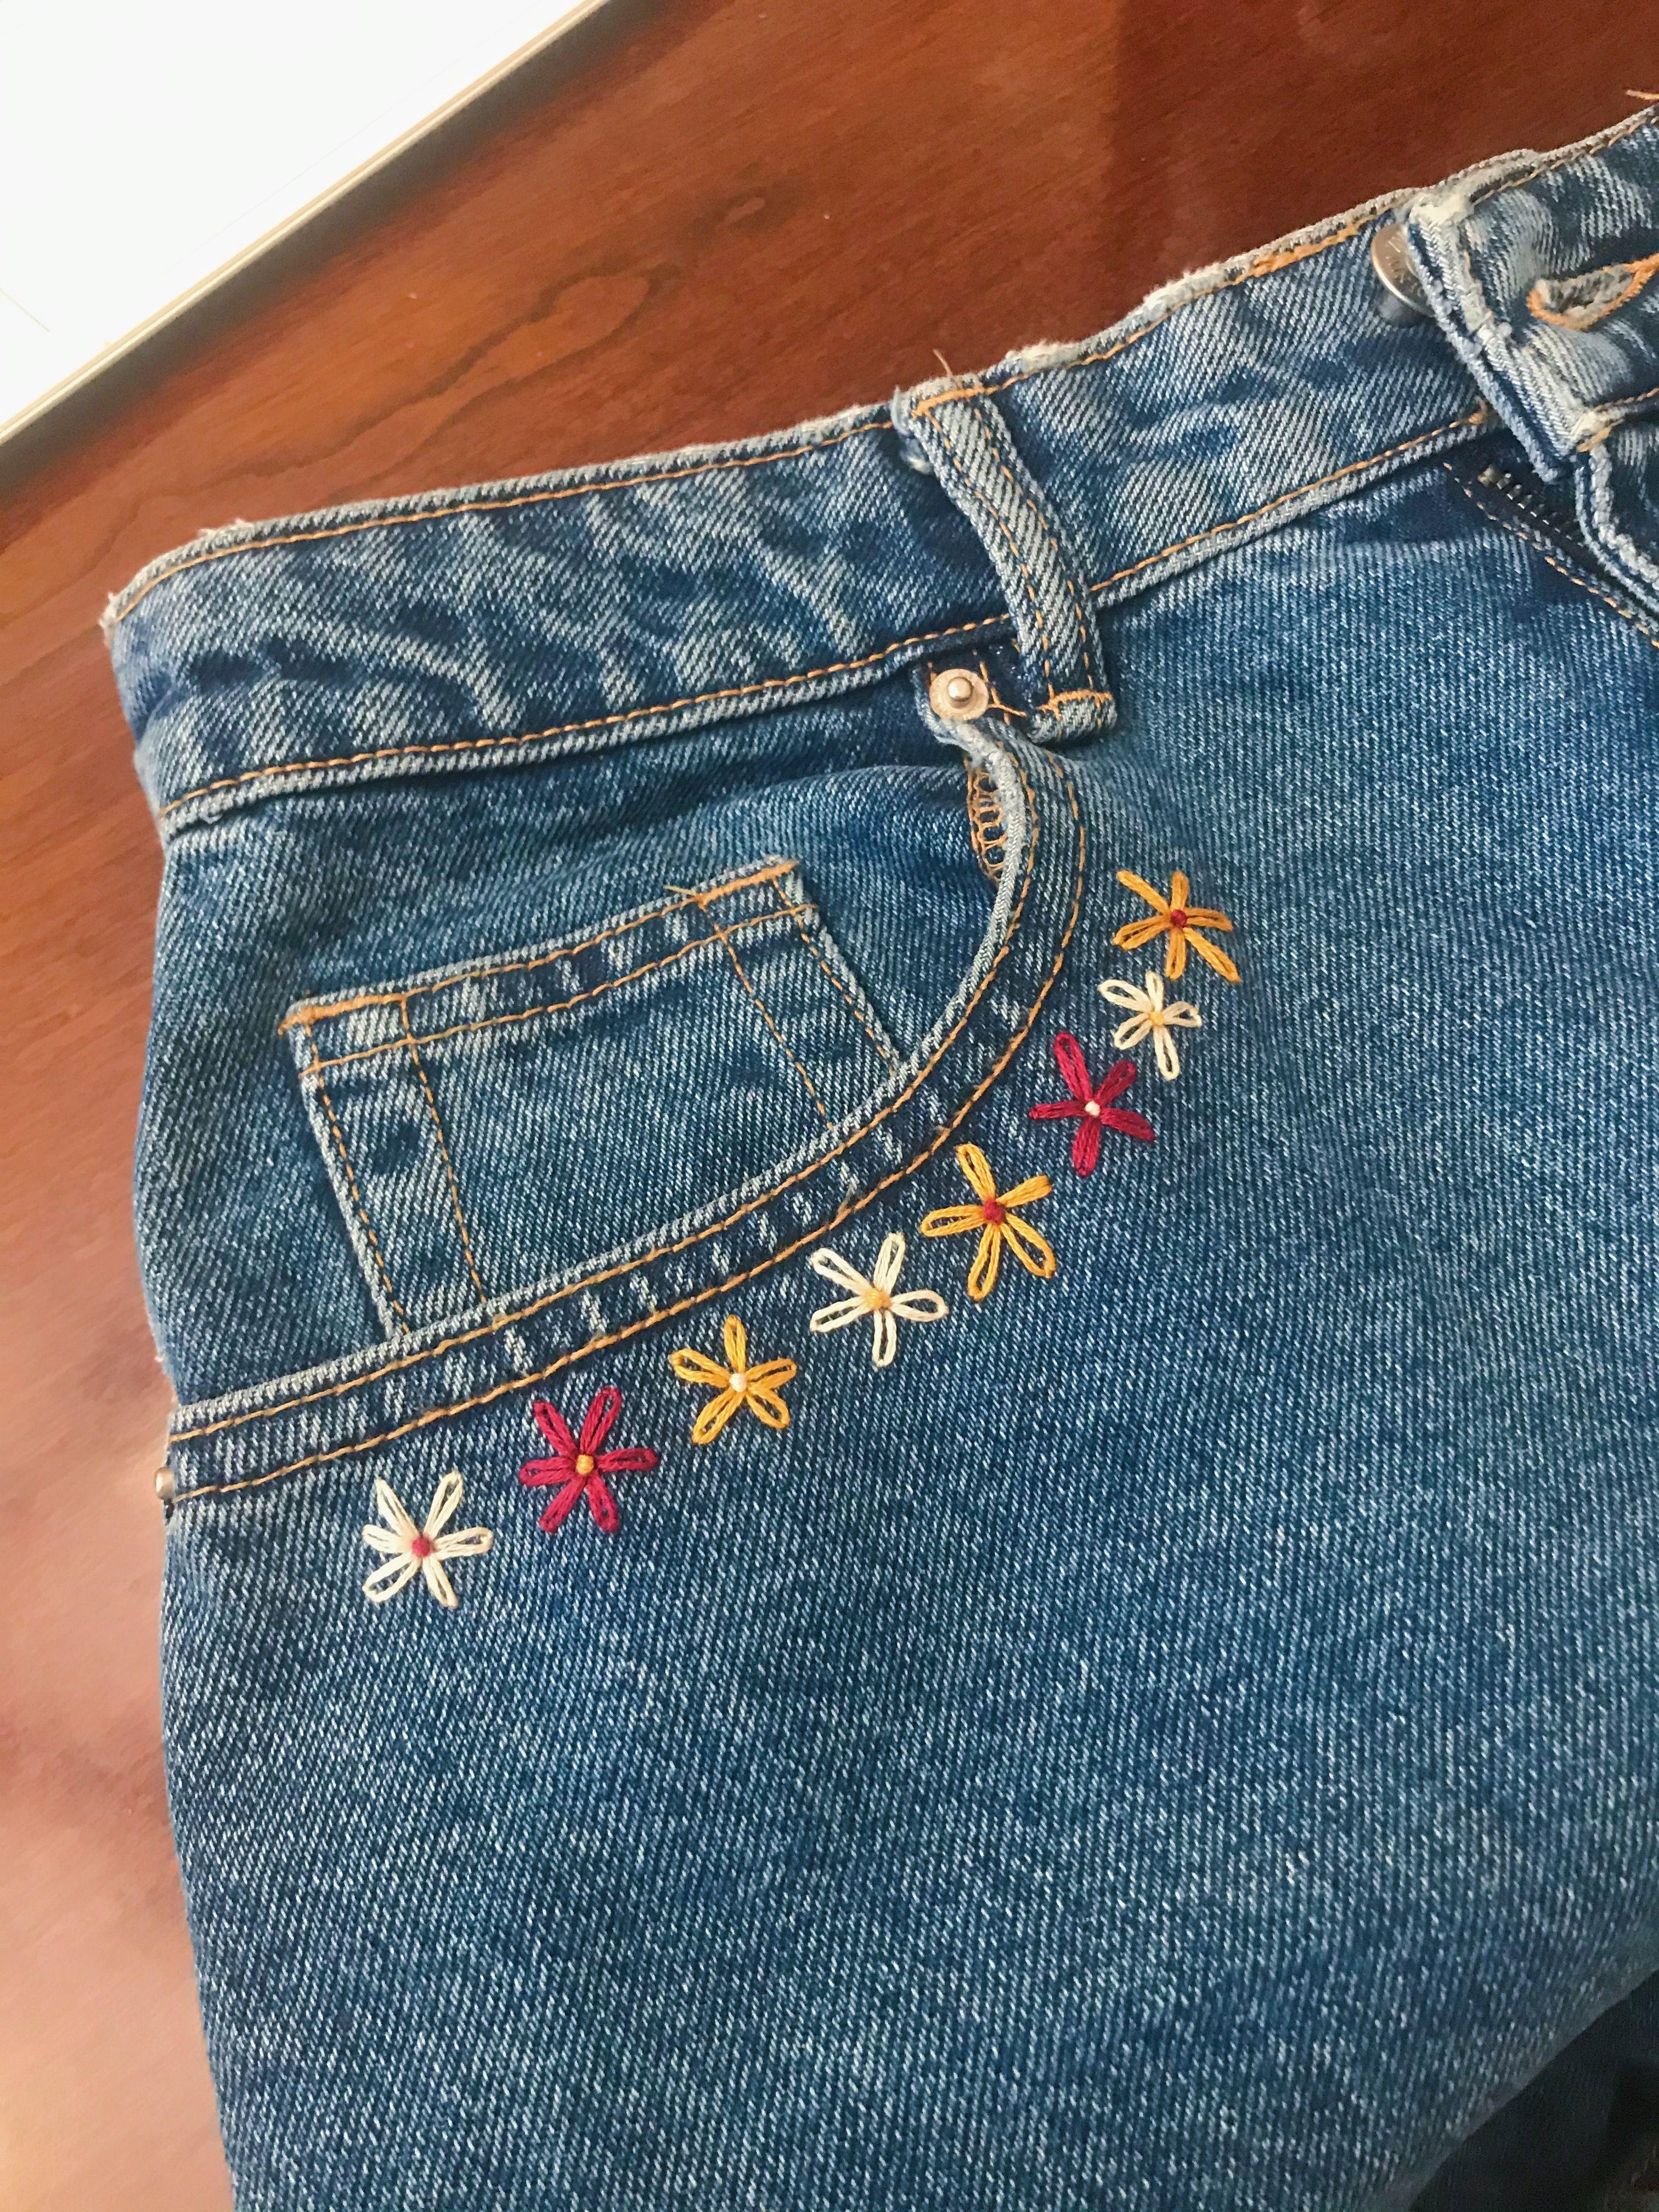 embroidery, lazy daisy, daisy, denim, shorts, jeans, jean shorts, denim shorts, …